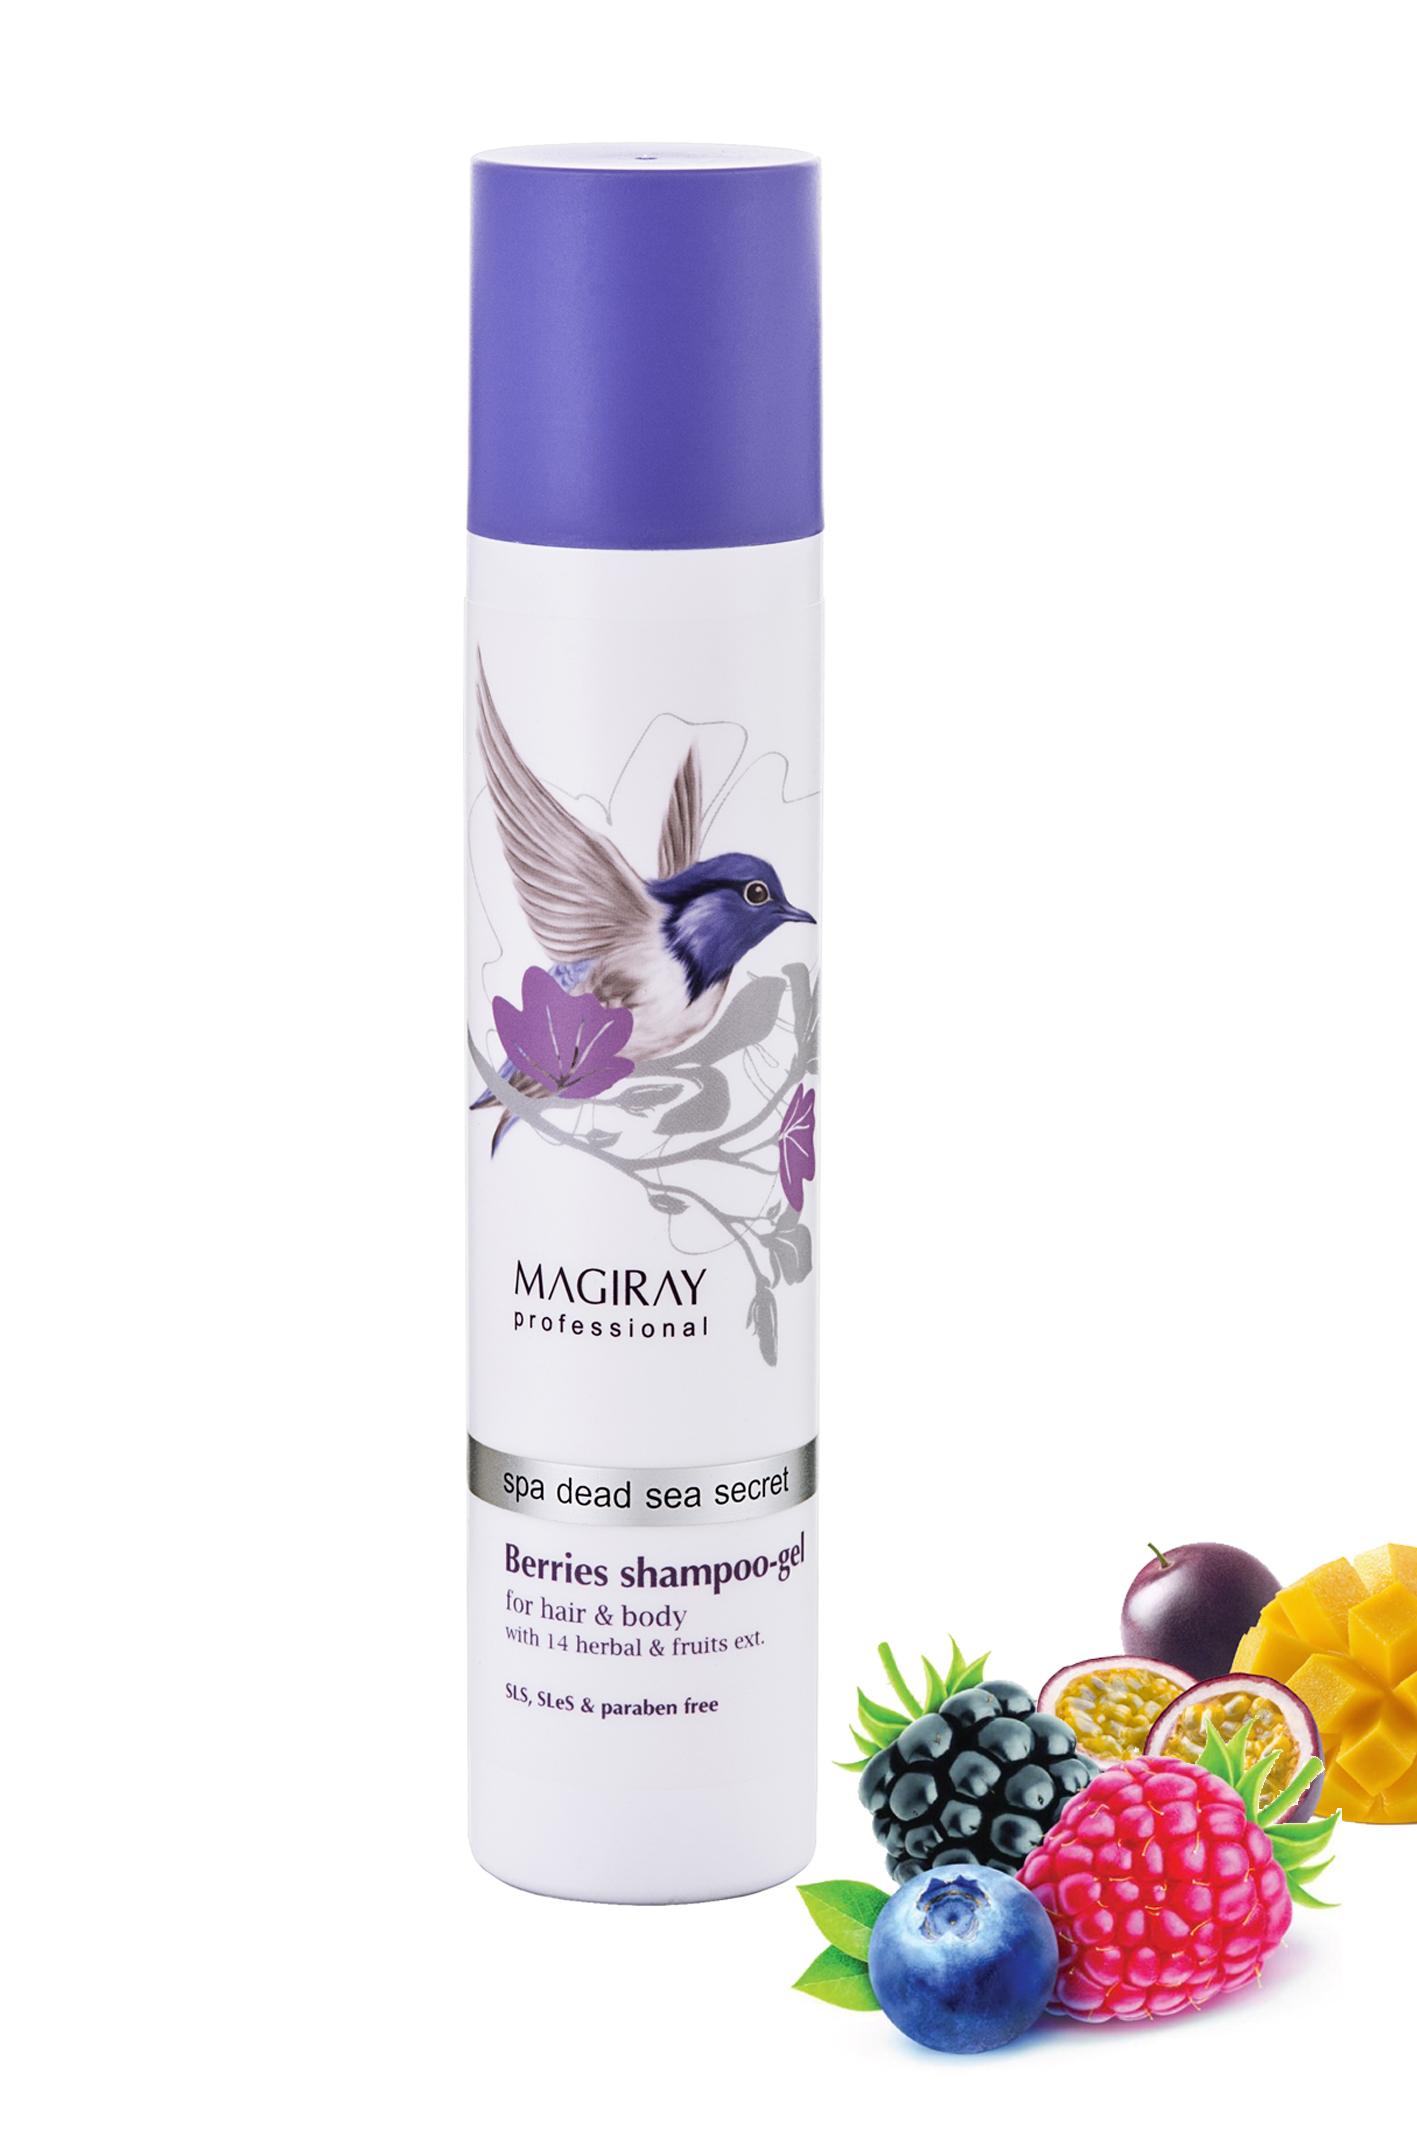 #Beauty_новинка: Ягодный Шампунь-Гель для волос и тела Magiray